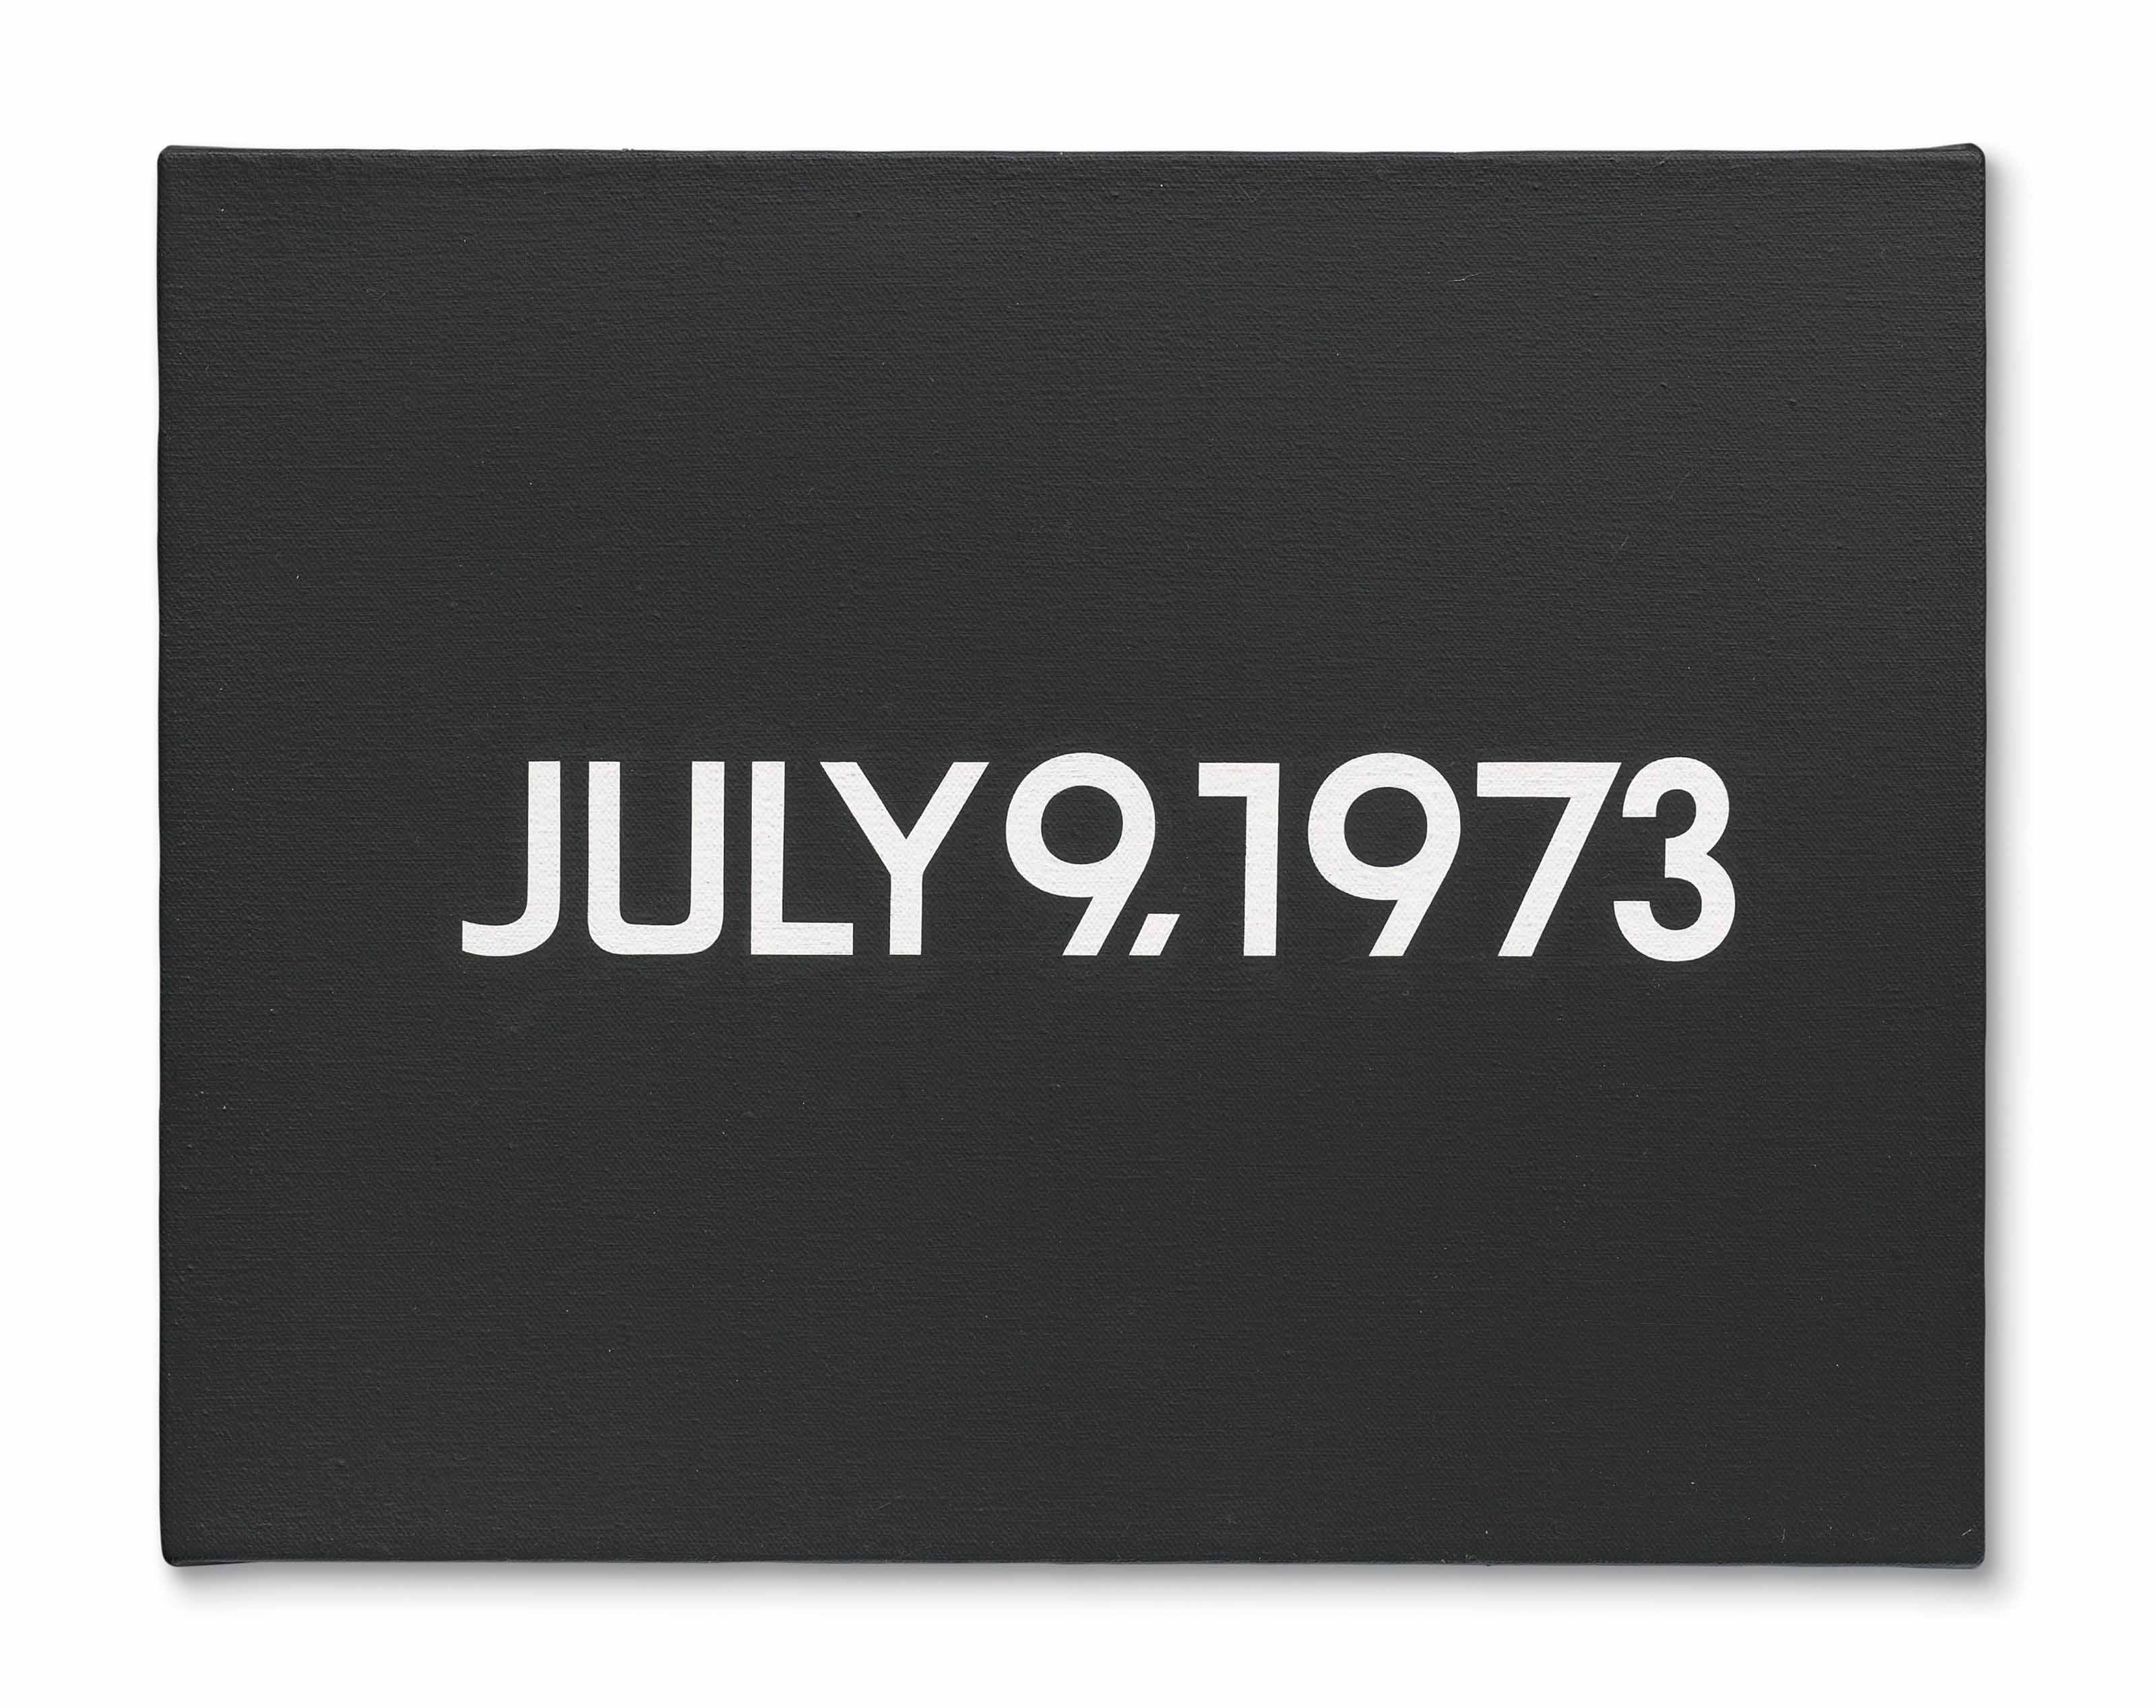 July 9, 1973